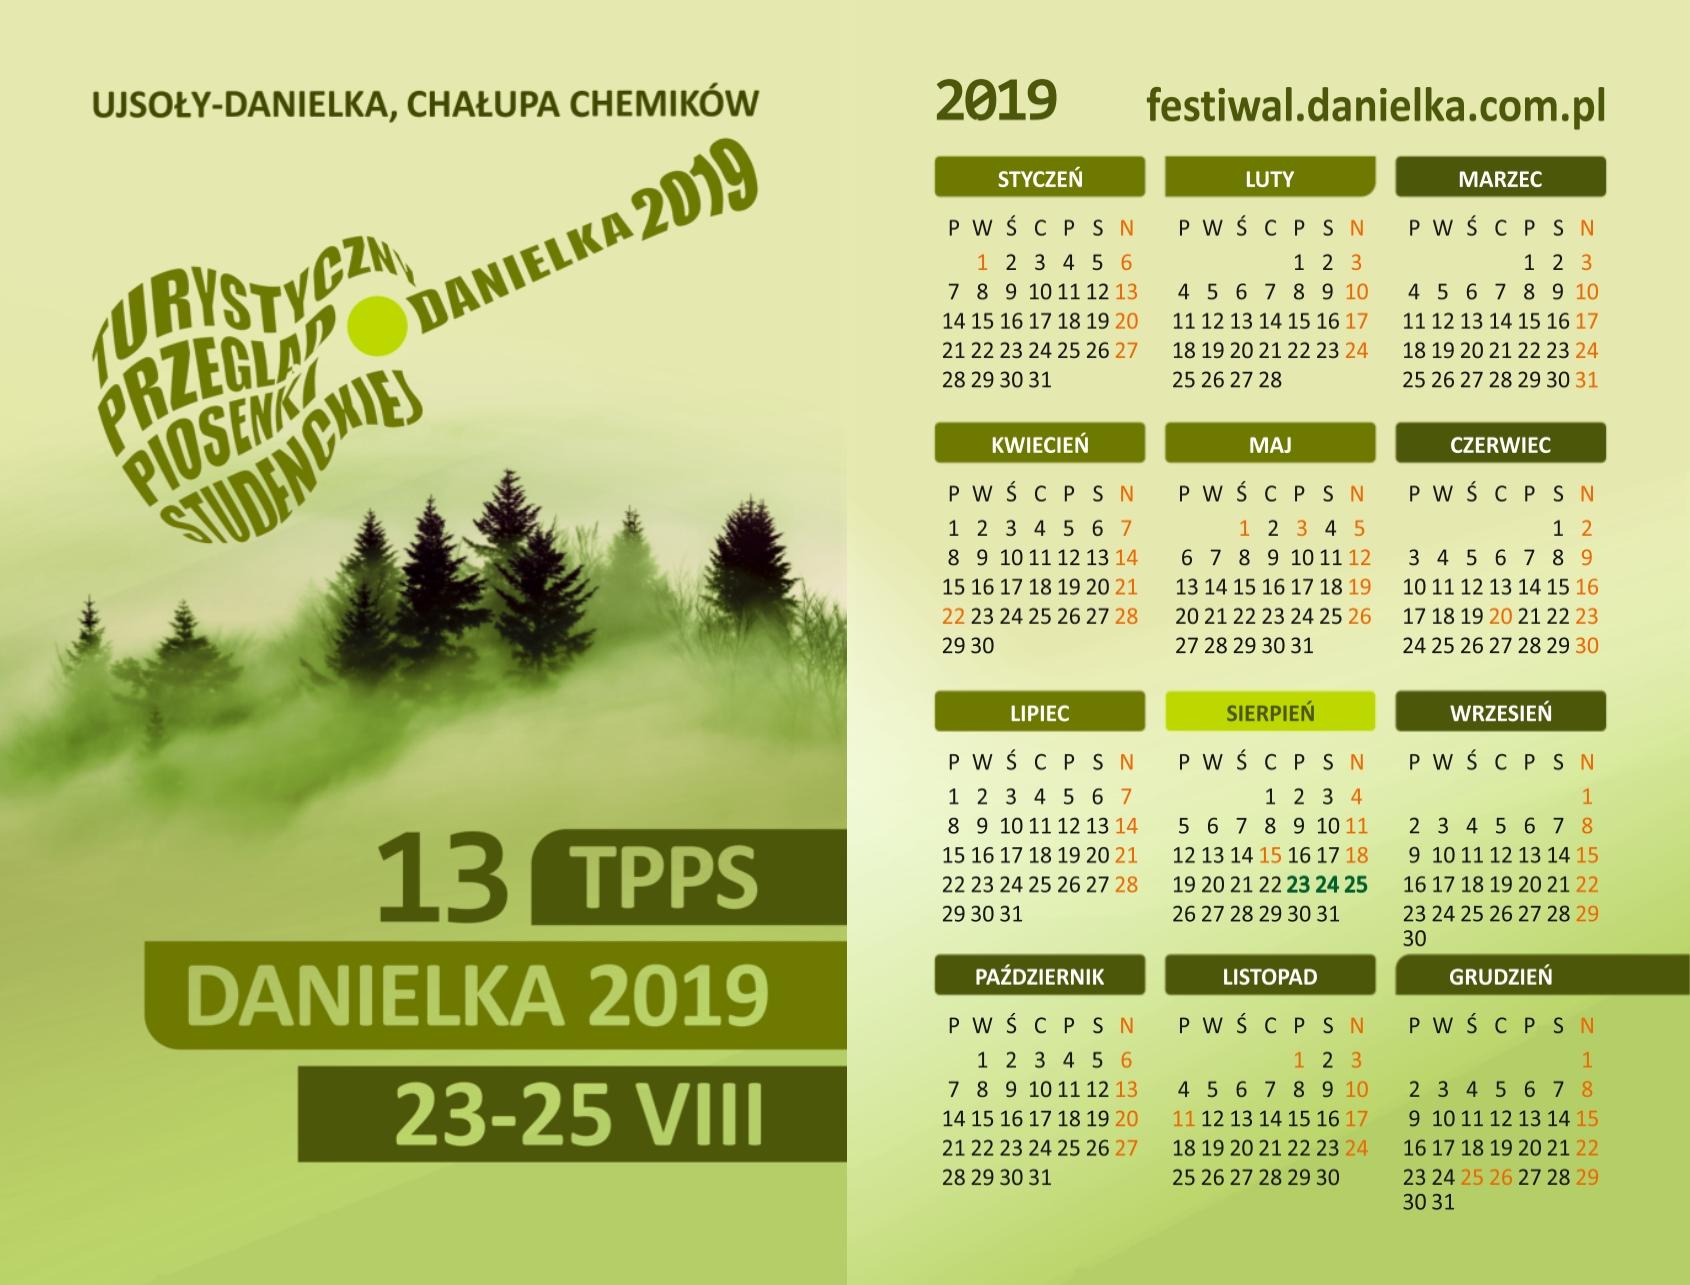 Danielkowe Kalendarzyki 2019 idą w świat